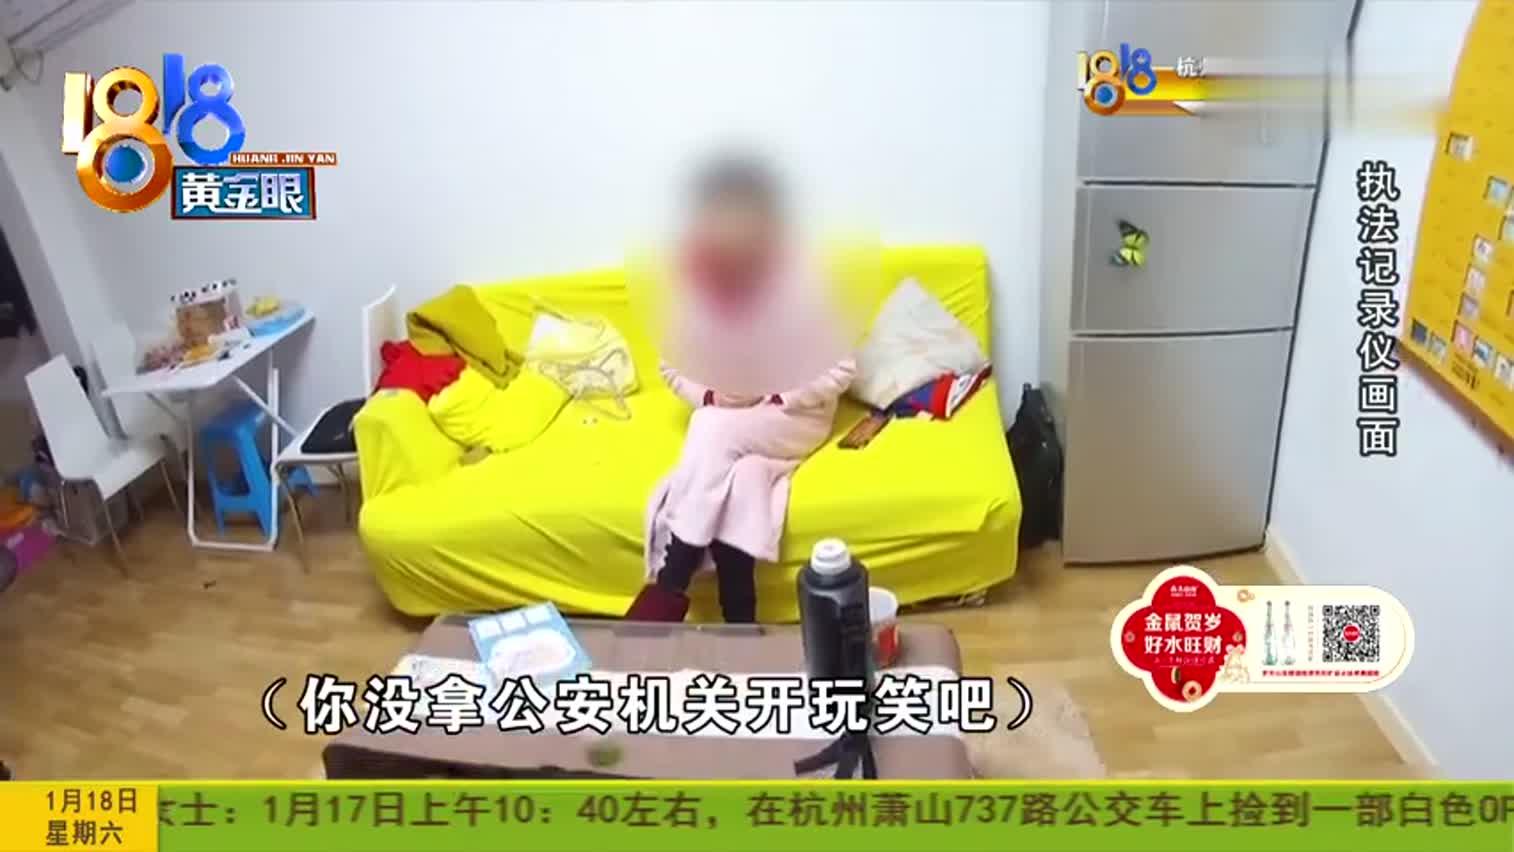 视频:丈夫说不清行踪 妻子察觉微信步数不对举报丈